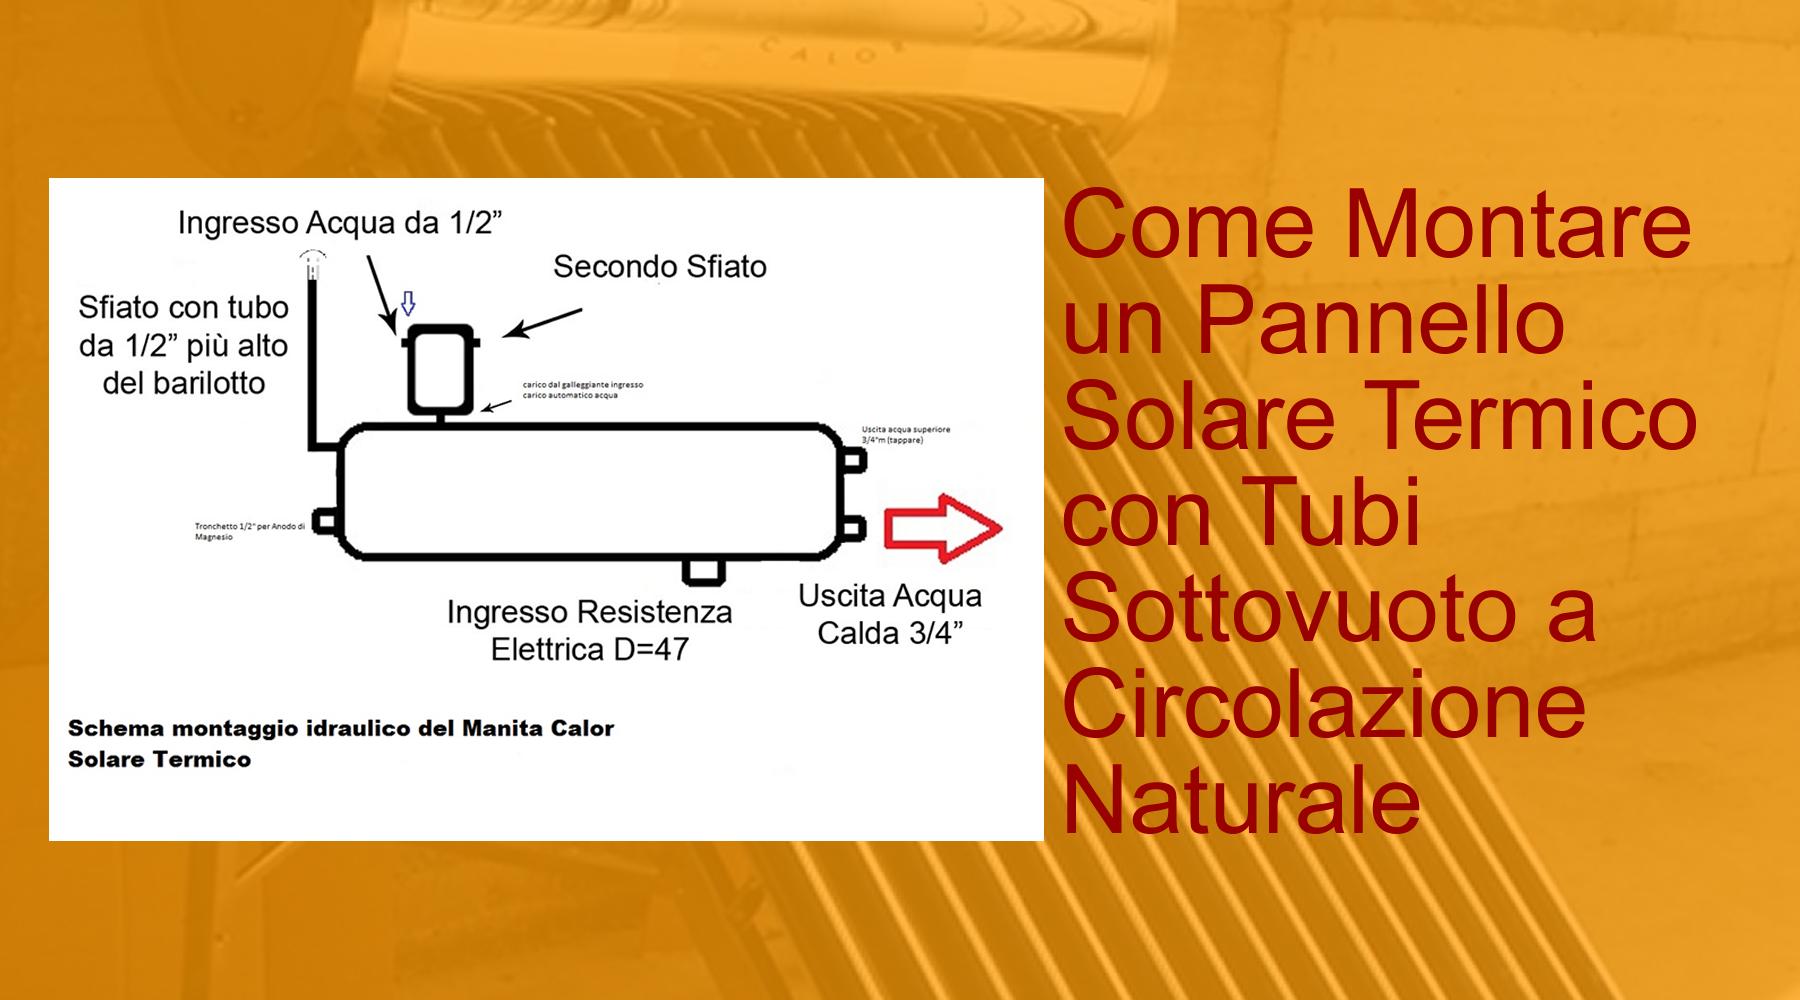 Pannelli Solari Termici Da Balcone come montare un pannello solare termico con tubi sottovuoto